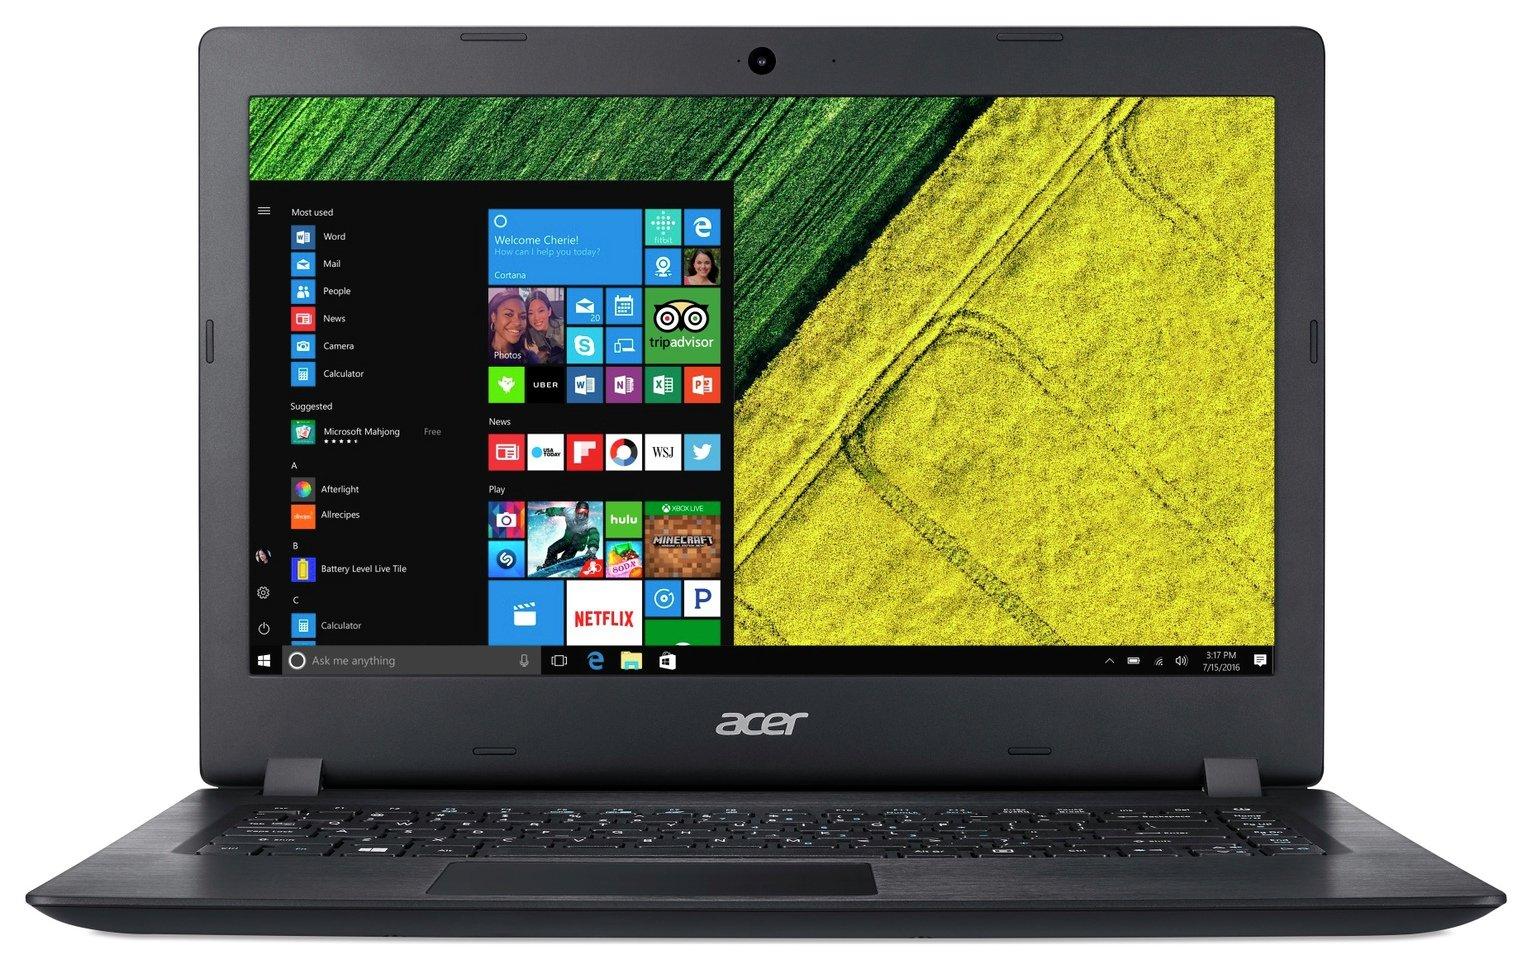 Acer Aspire 3 14 Inch Pentium 4GB 128GB Laptop - Black